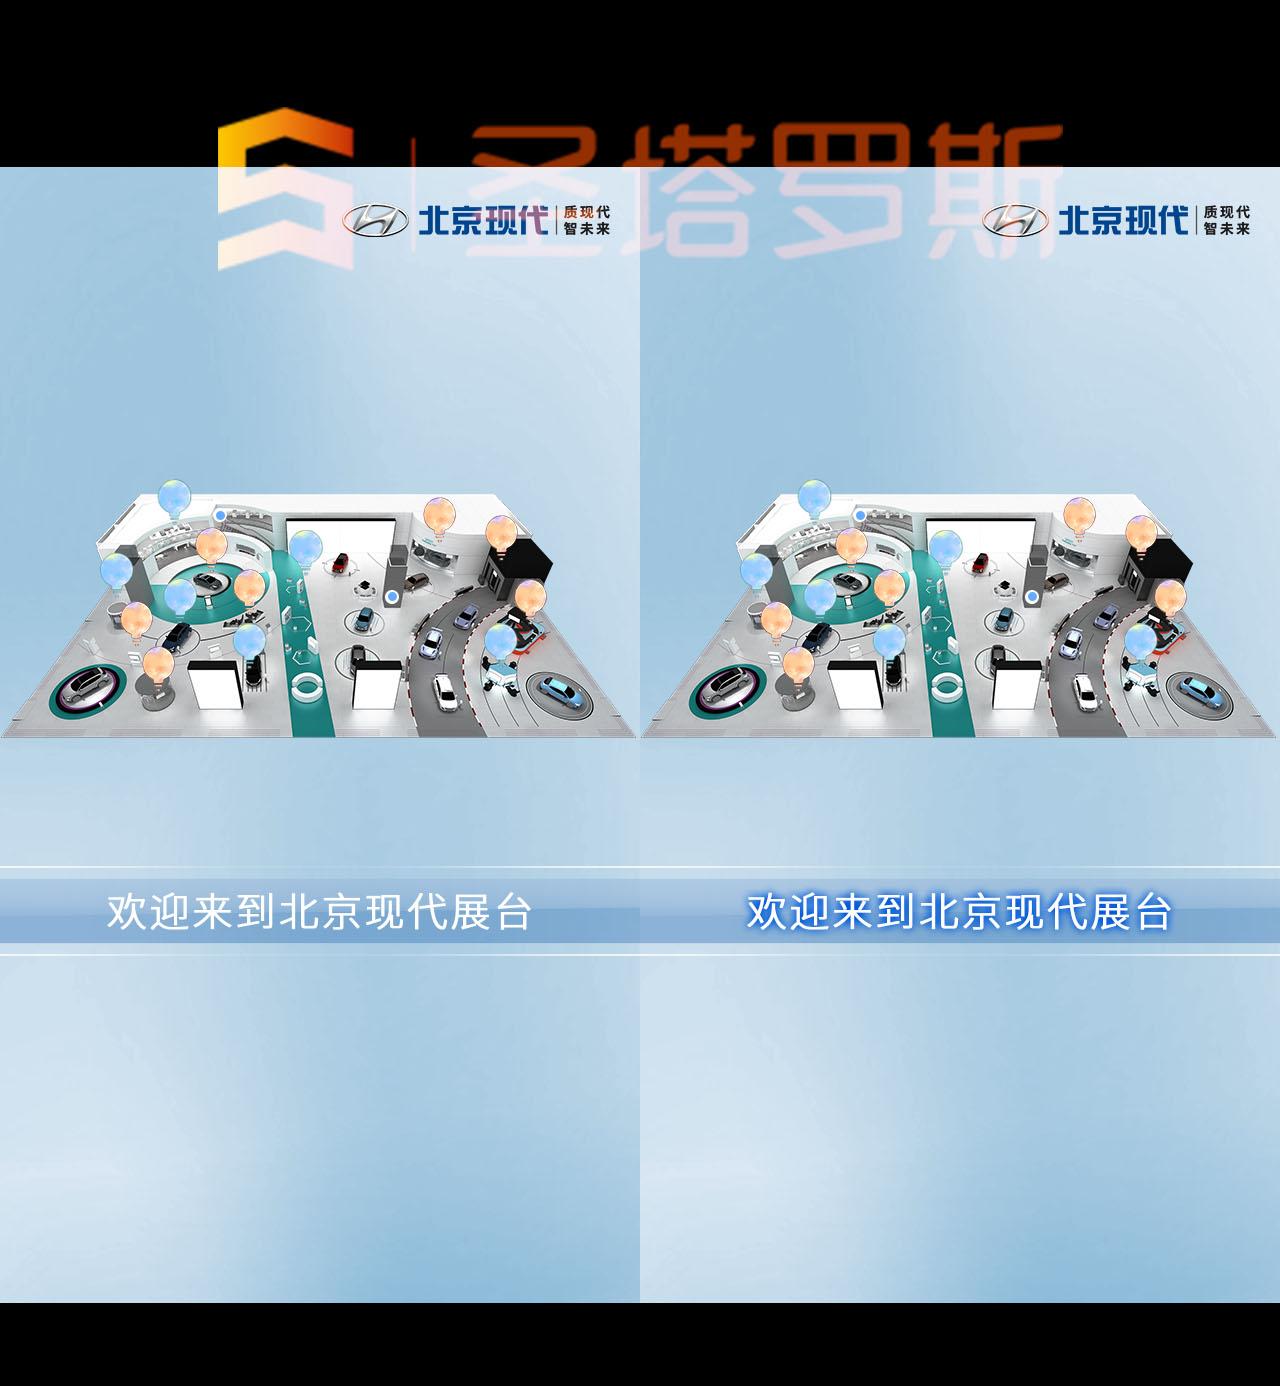 北現上海展--展臺集客H5互動程序